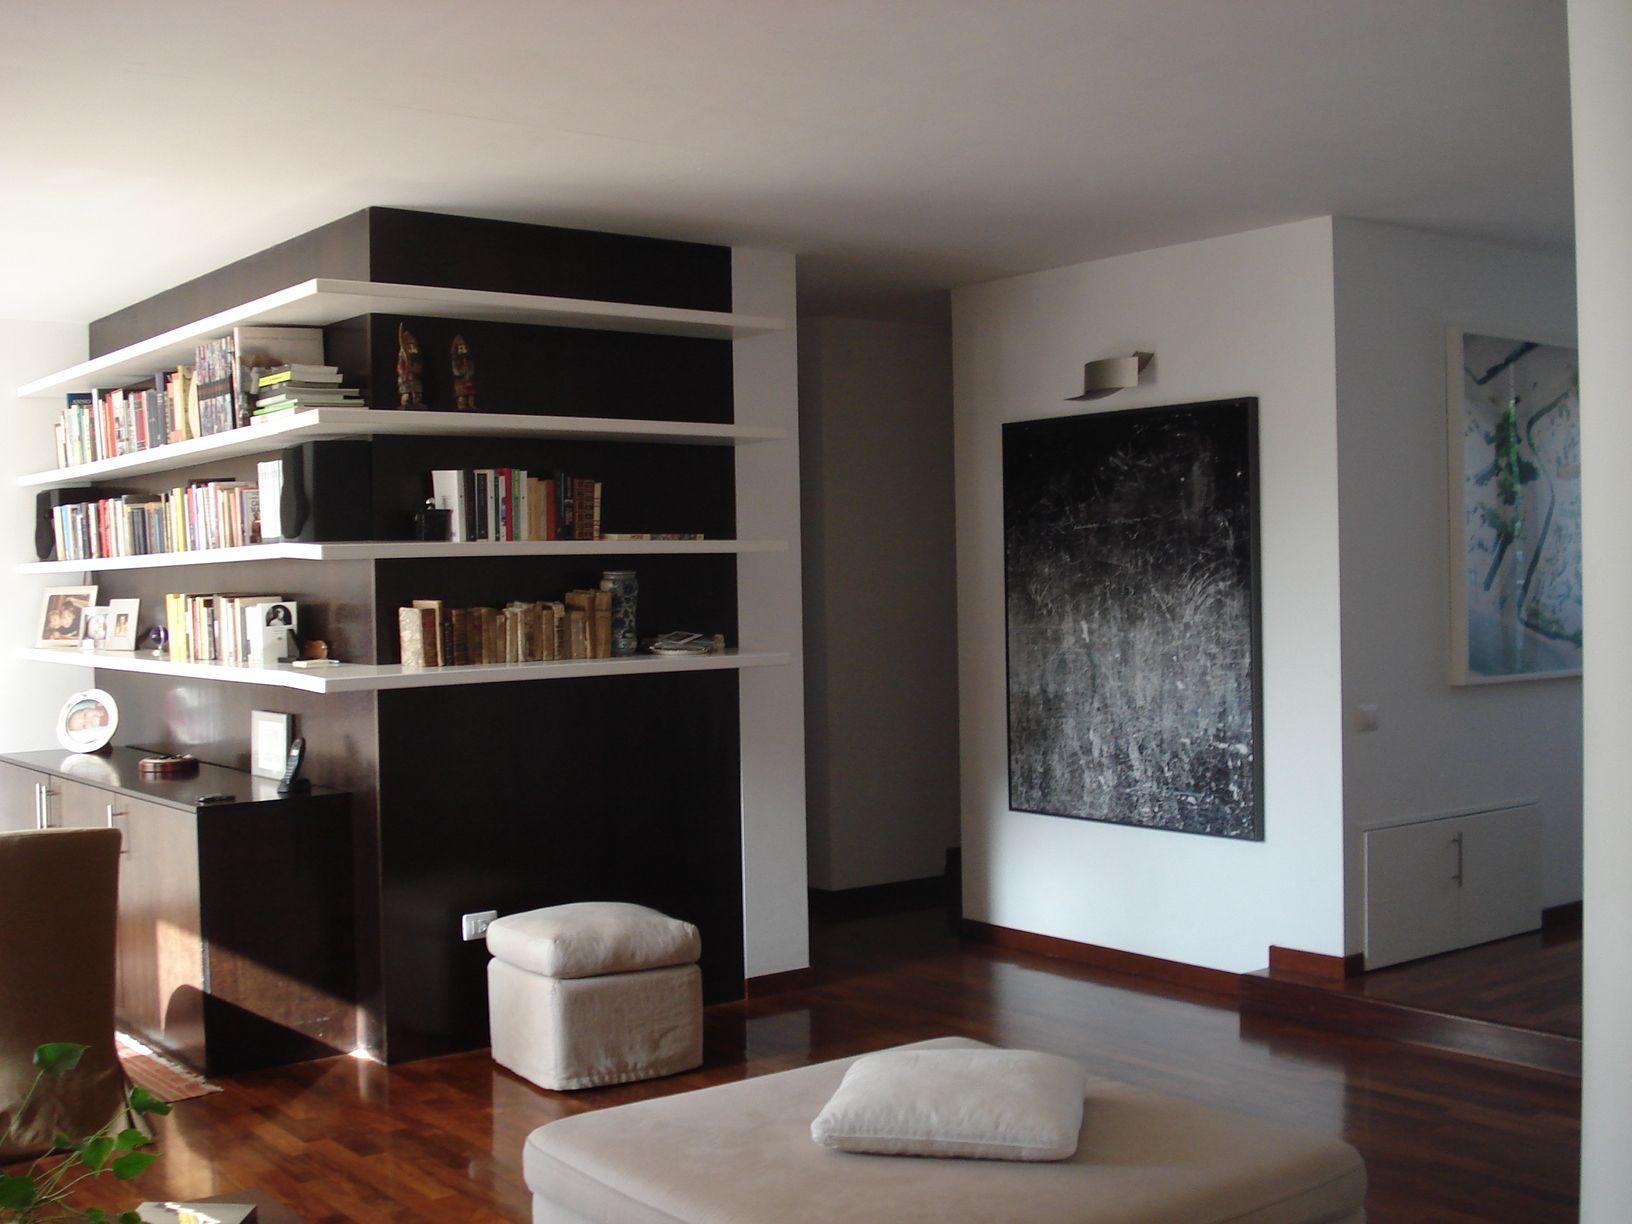 Tassa di soggiorno roma costi guida e obblighi per i gestori